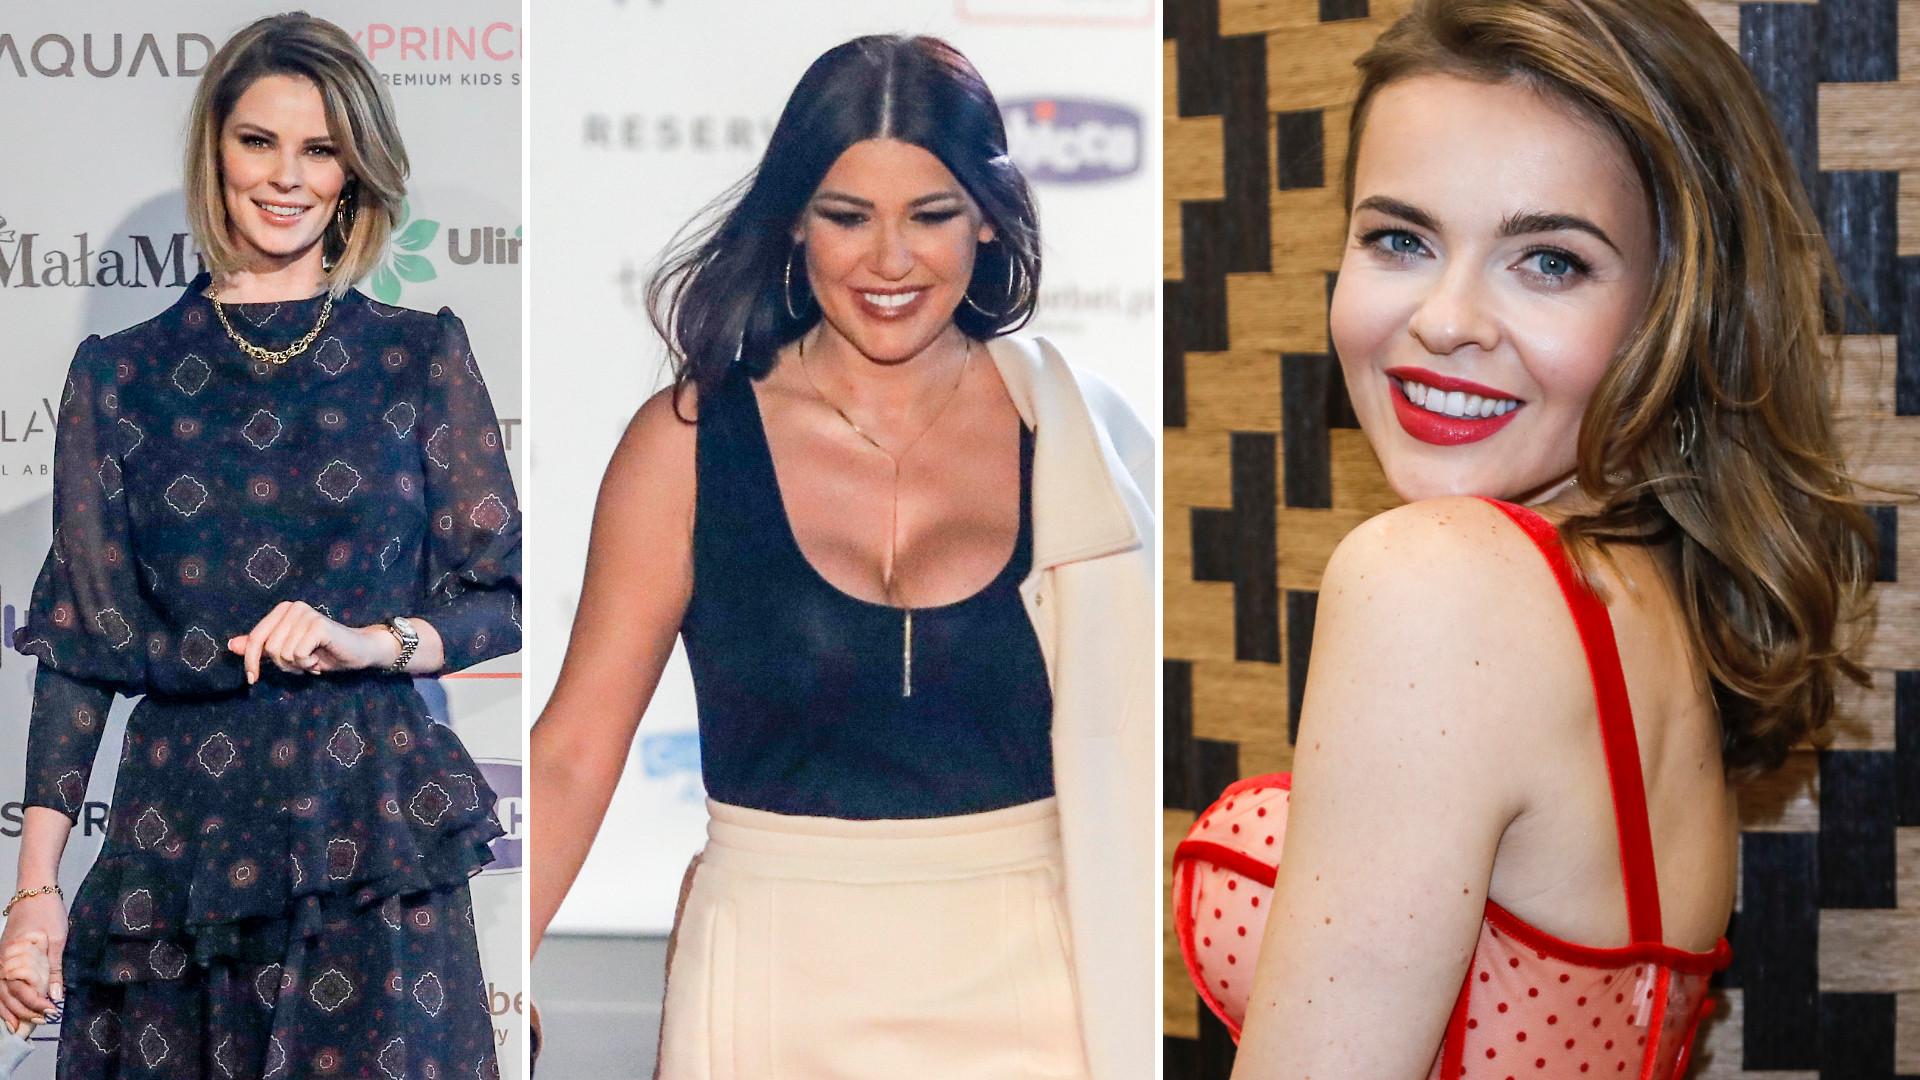 Małgorzata Tomaszewska, Iwona Węgrowska i inne gwiazdy na charytatywnym pokazie mody (ZDJĘCIA)